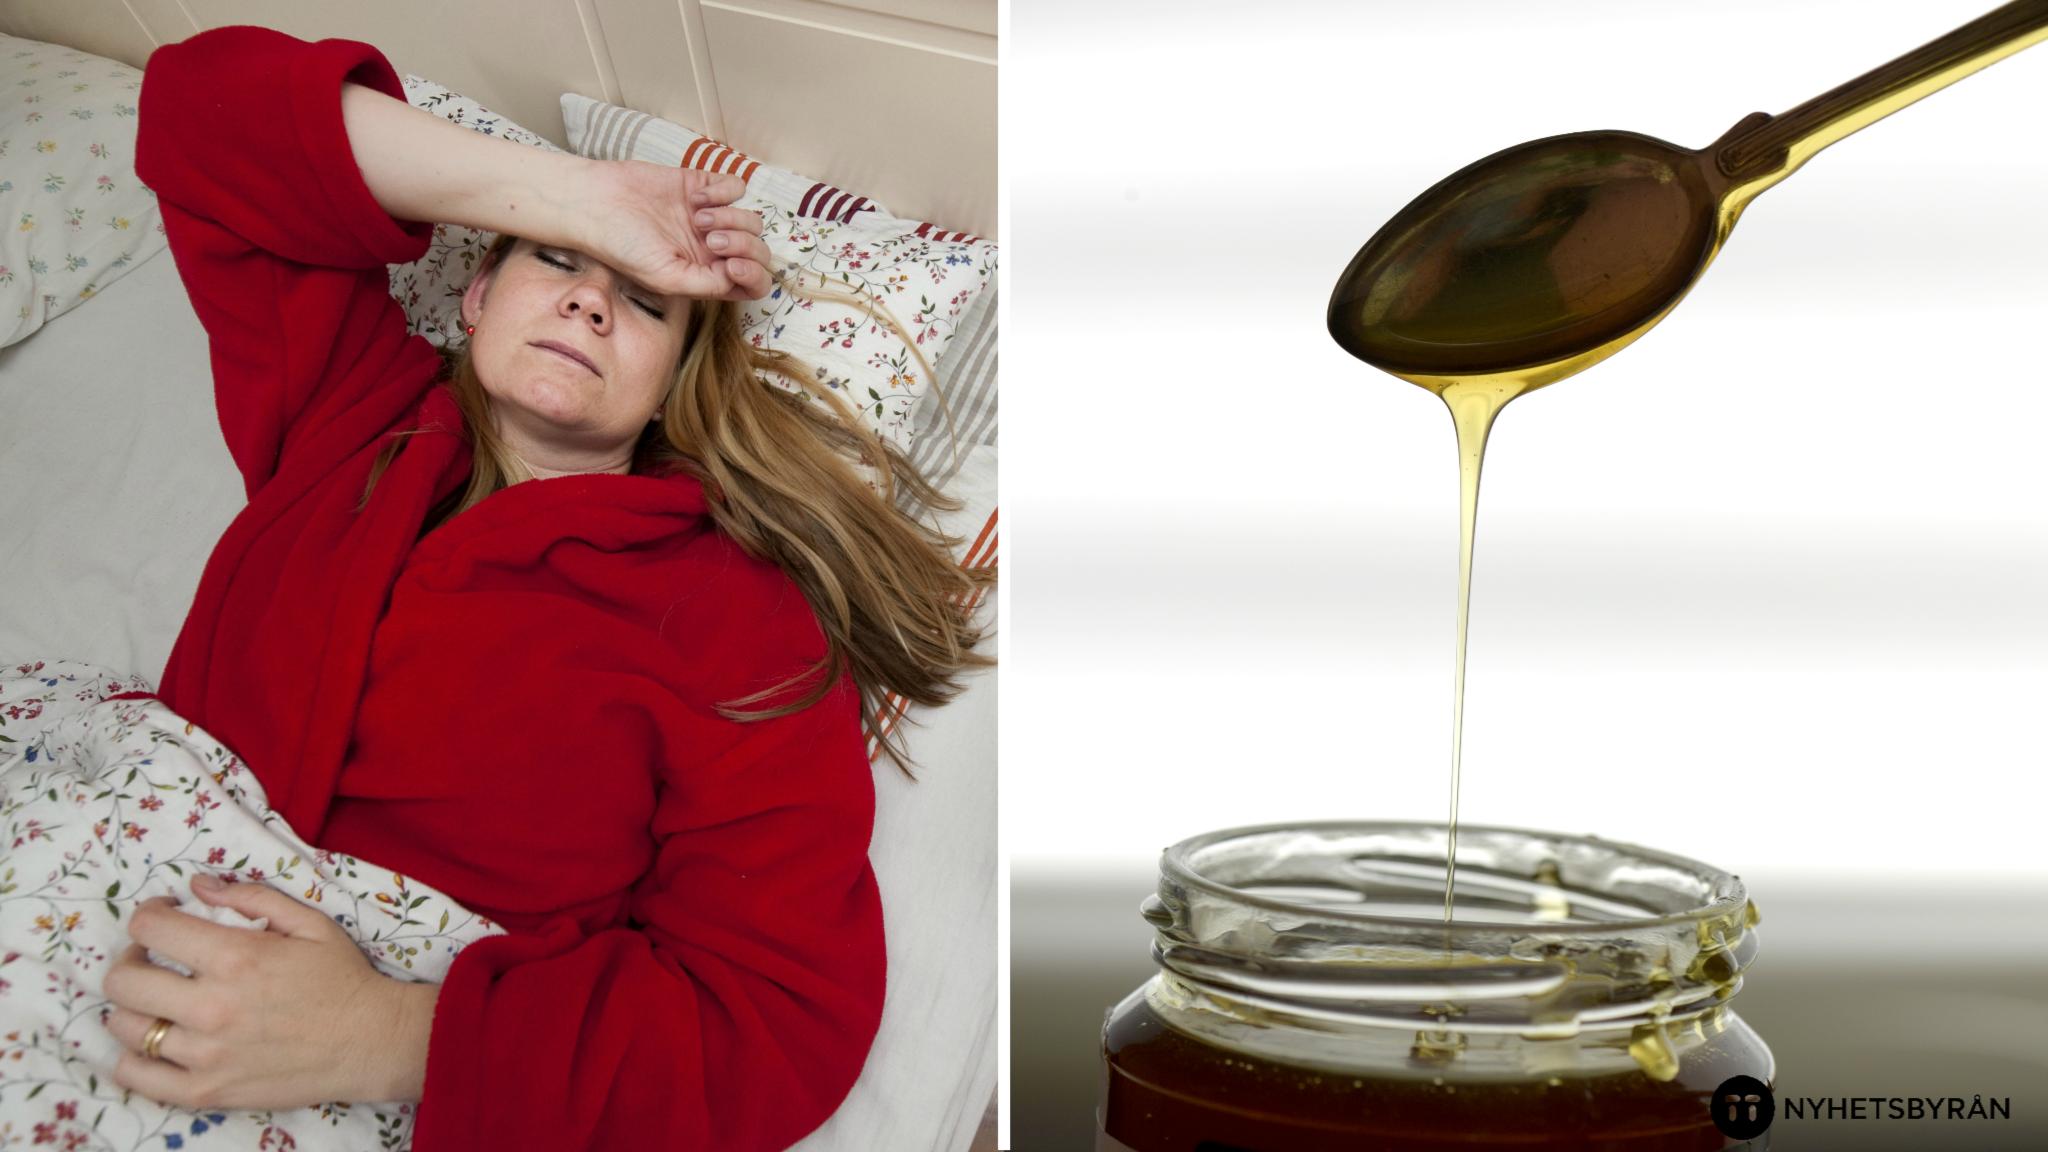 Forskaren Det Här Hjälper Honung Mot Vid Förkylning P4 Jönköping